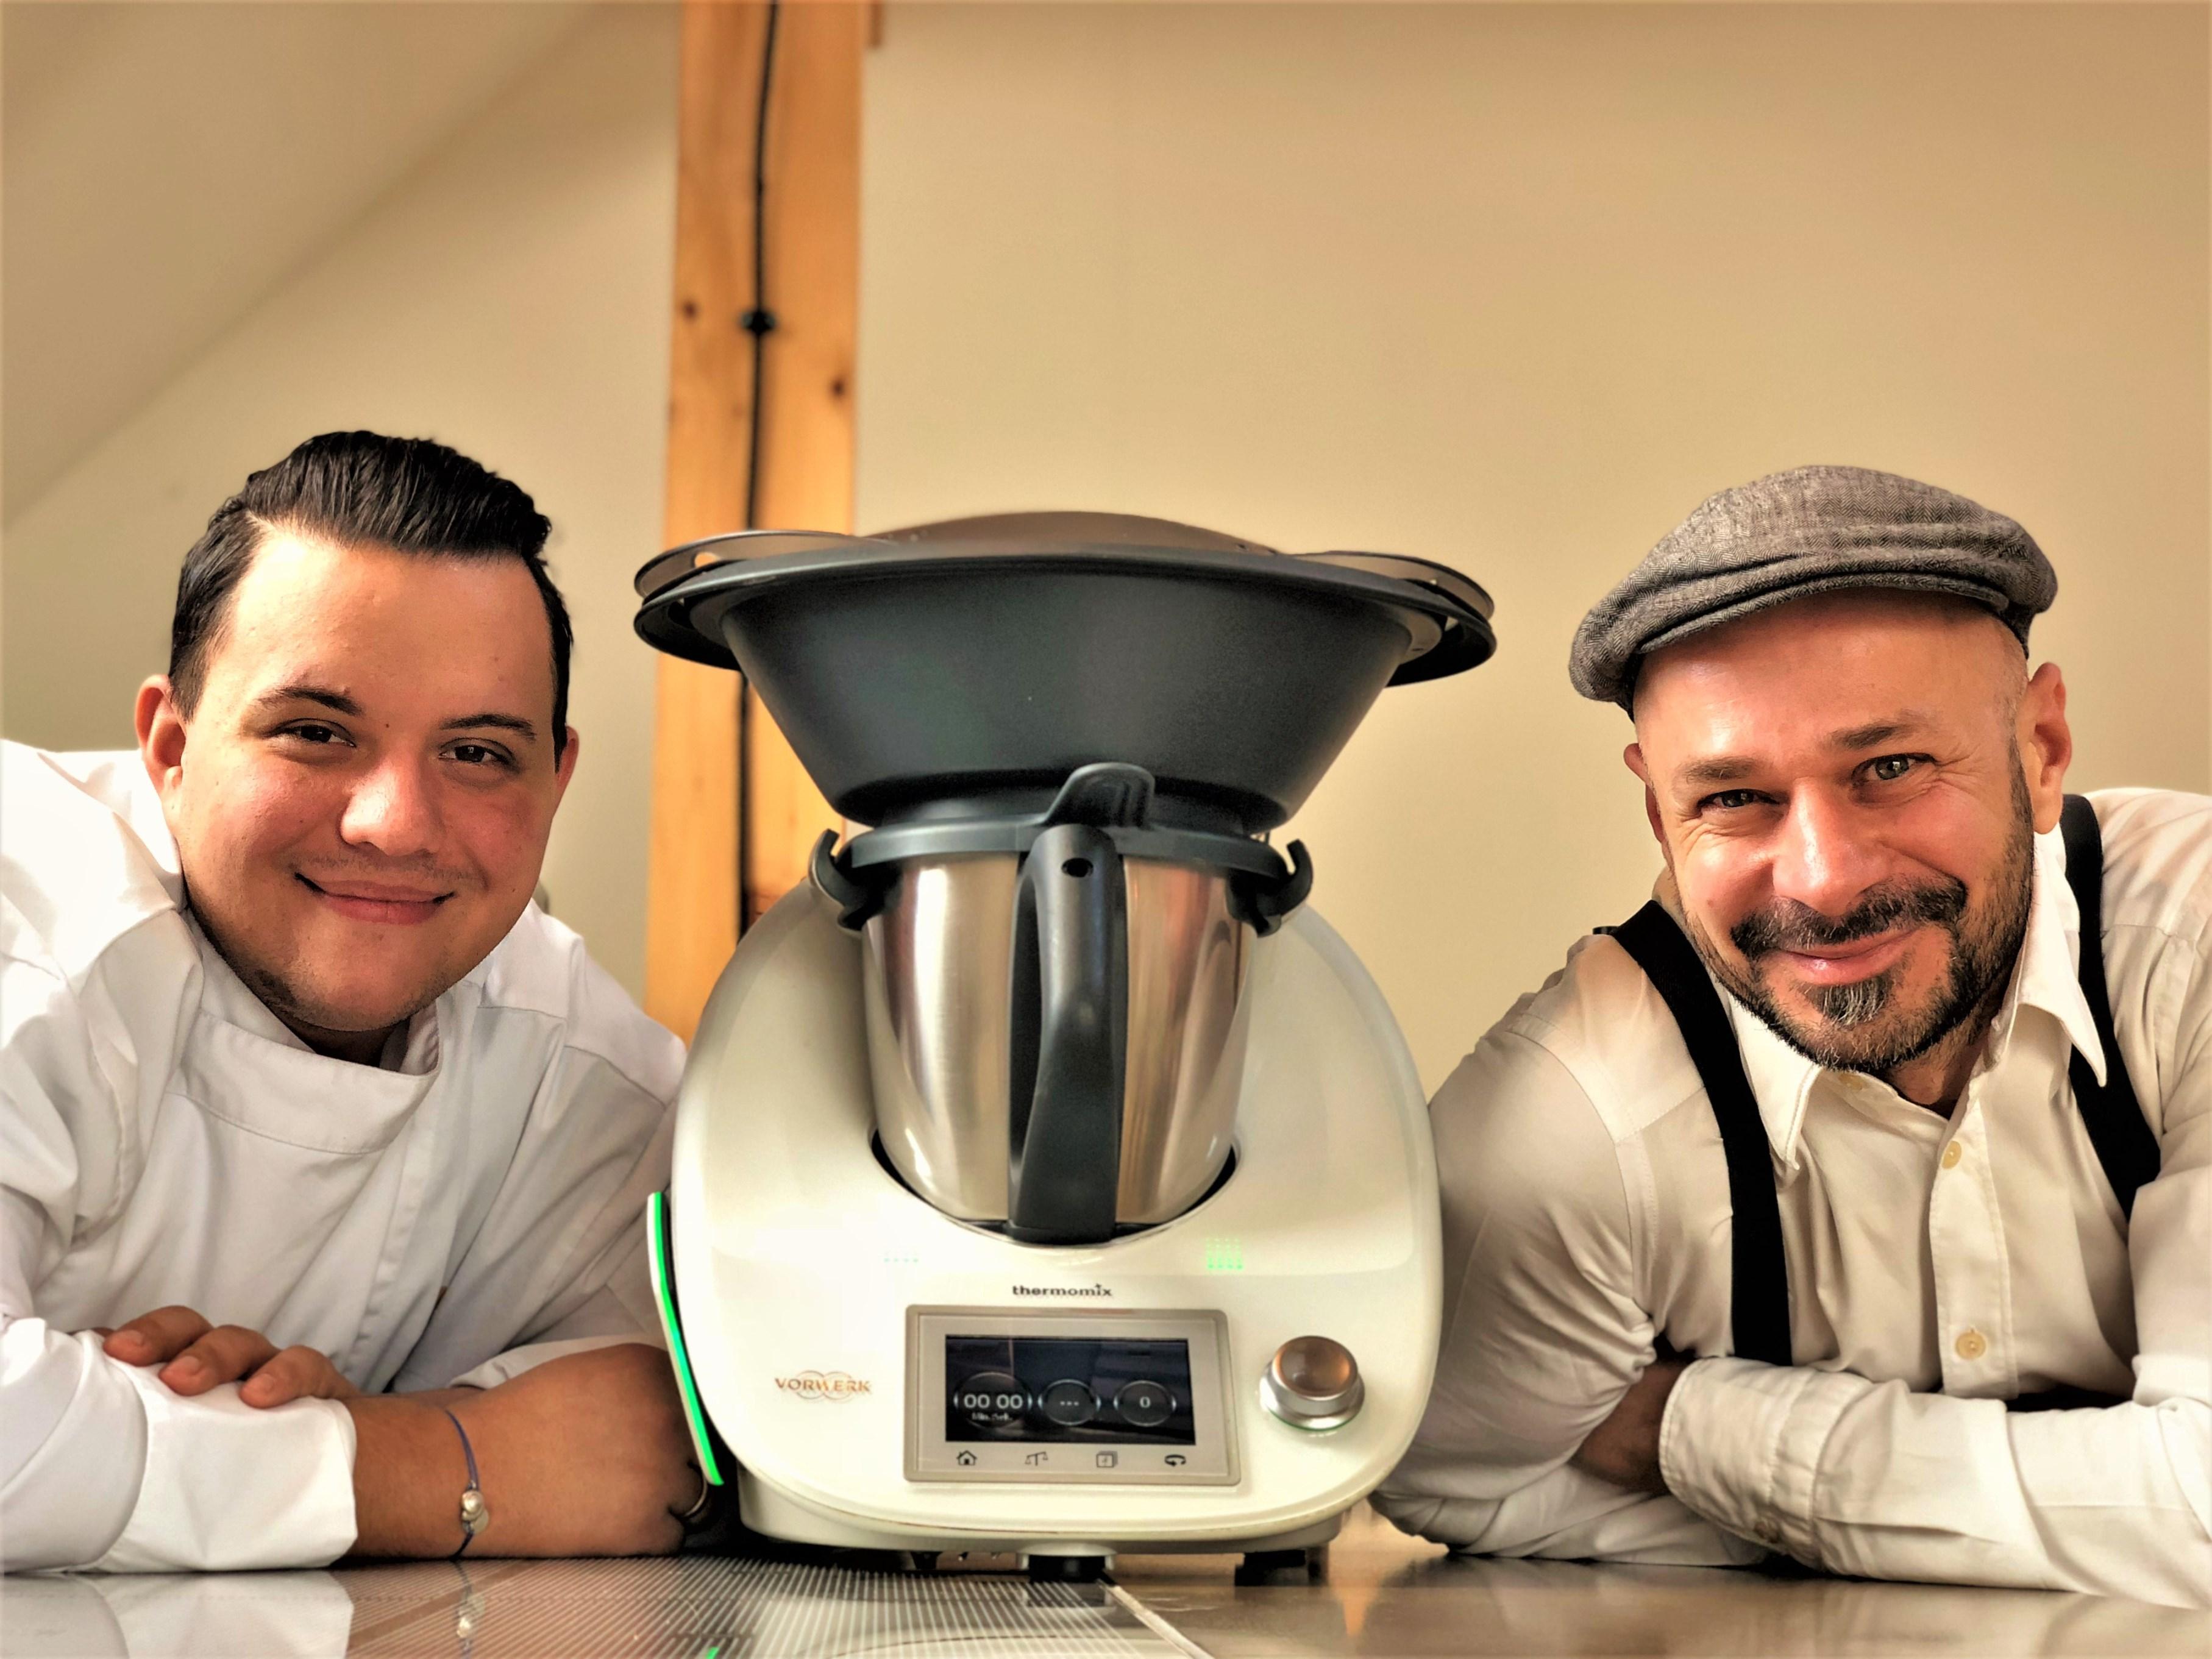 Thermomix TM5 Kochseminar und Erlebniskochen mit Andreas Gugumuck und Dominik Hayduck, viele Vorteile beim Kochen und Dampfgaren